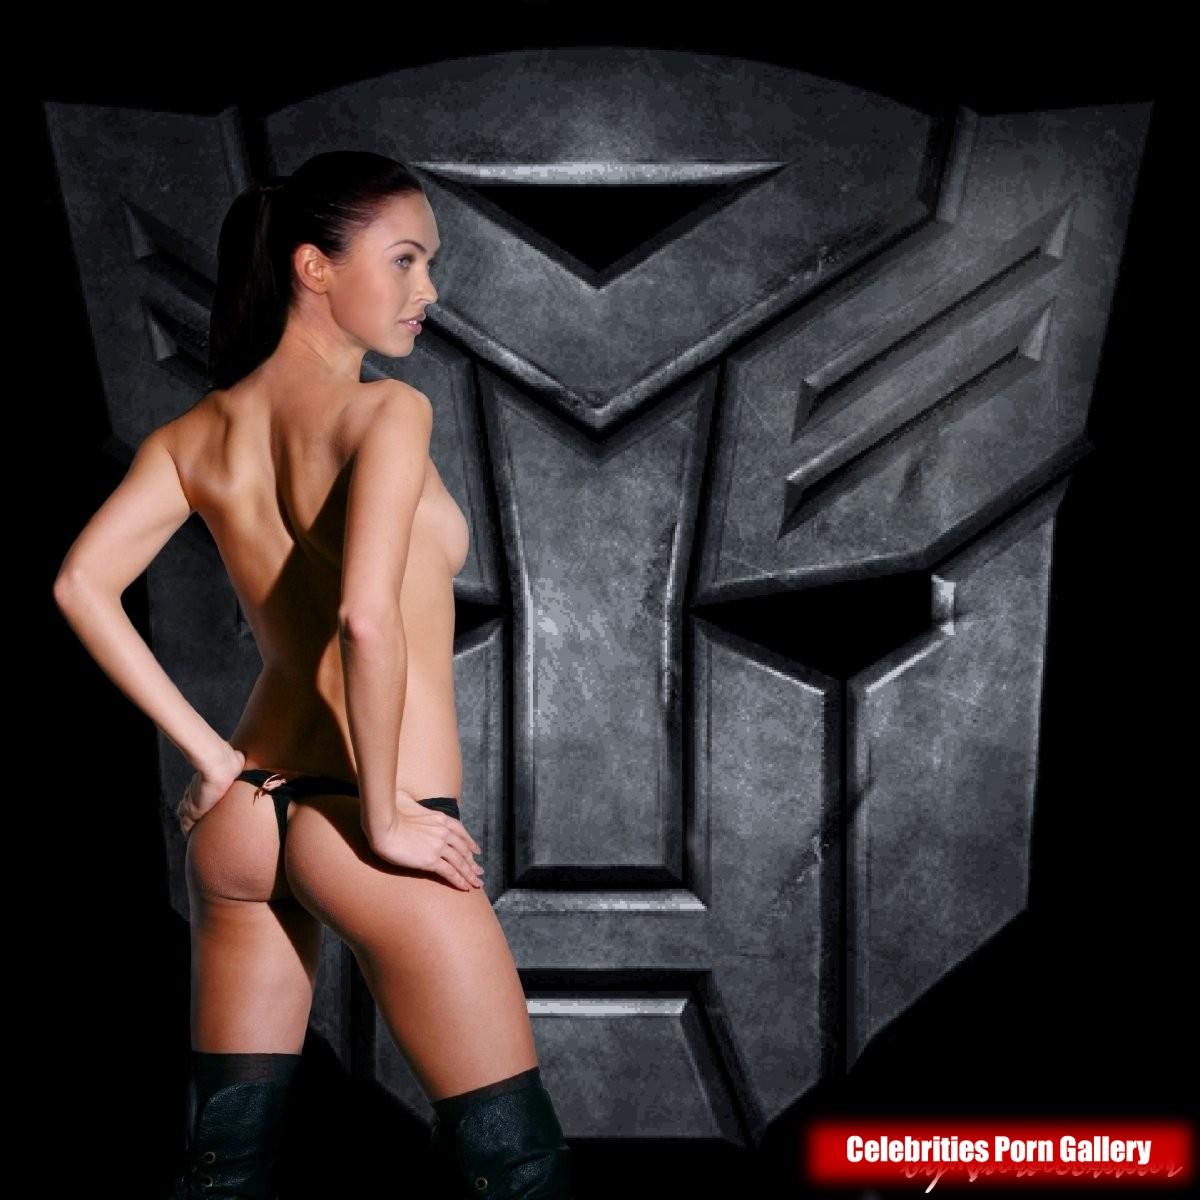 Порно фото из трансформеров